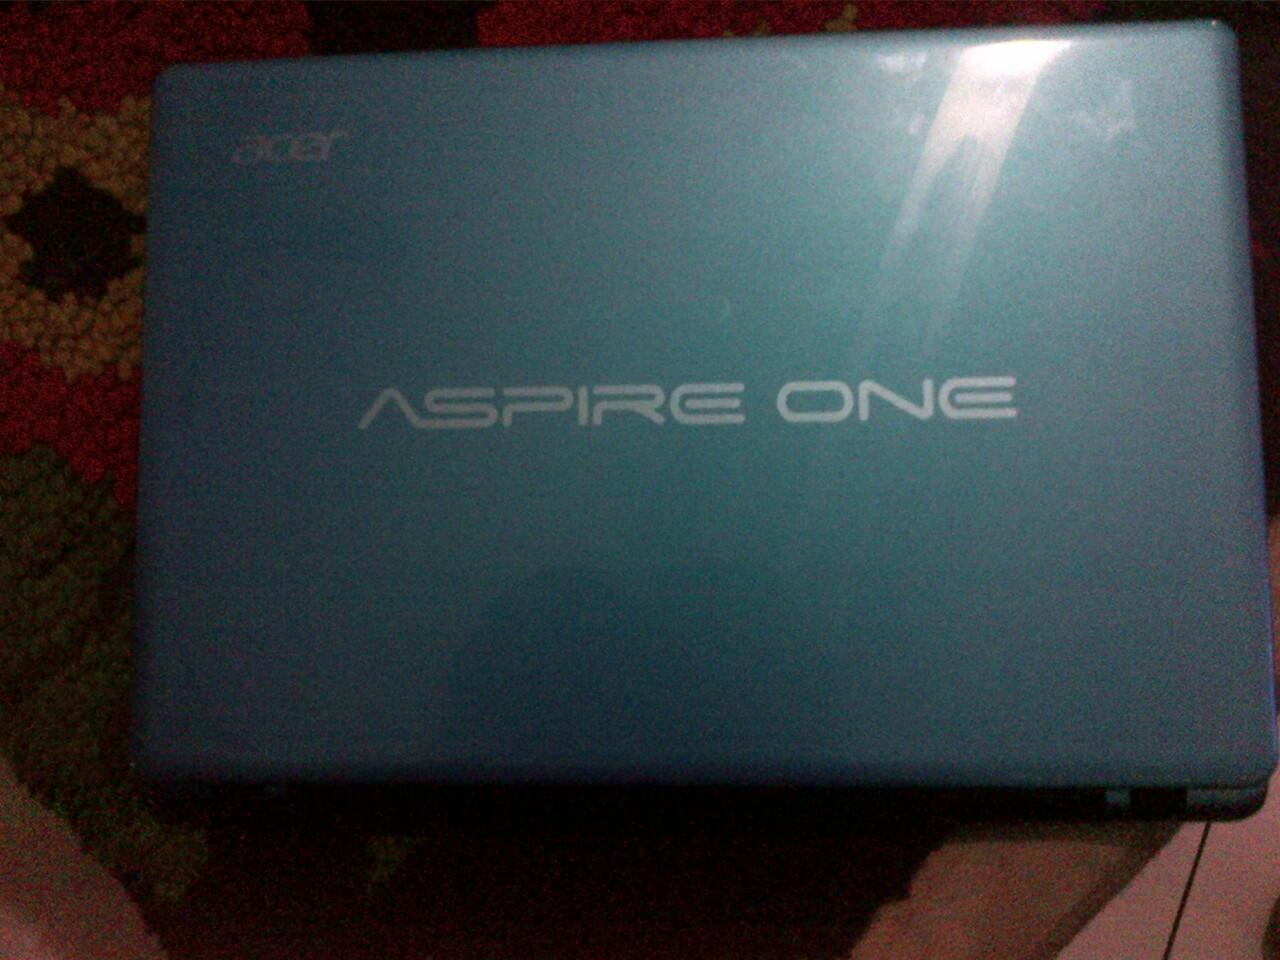 DI JUAL NETBOOK ACER ASPIRE ONE AMD 725 Graphic Baru dipakai 1 minggu, Mulus bgt!